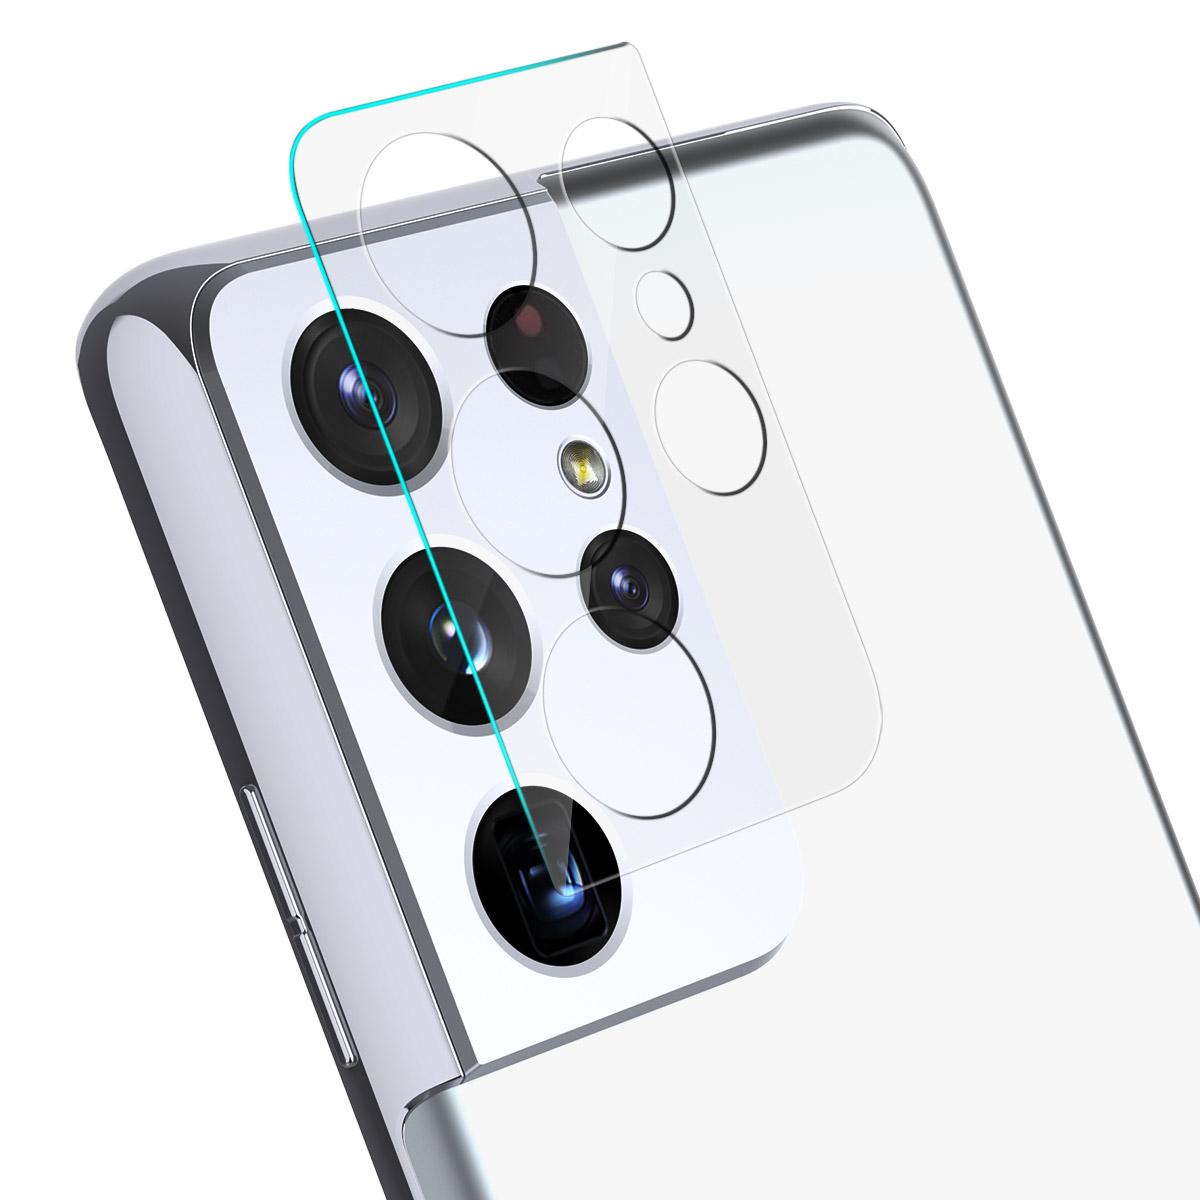 아라리 C서브 강화유리 휴대폰 카메라 렌즈 보호필름 2p 세트, 1세트